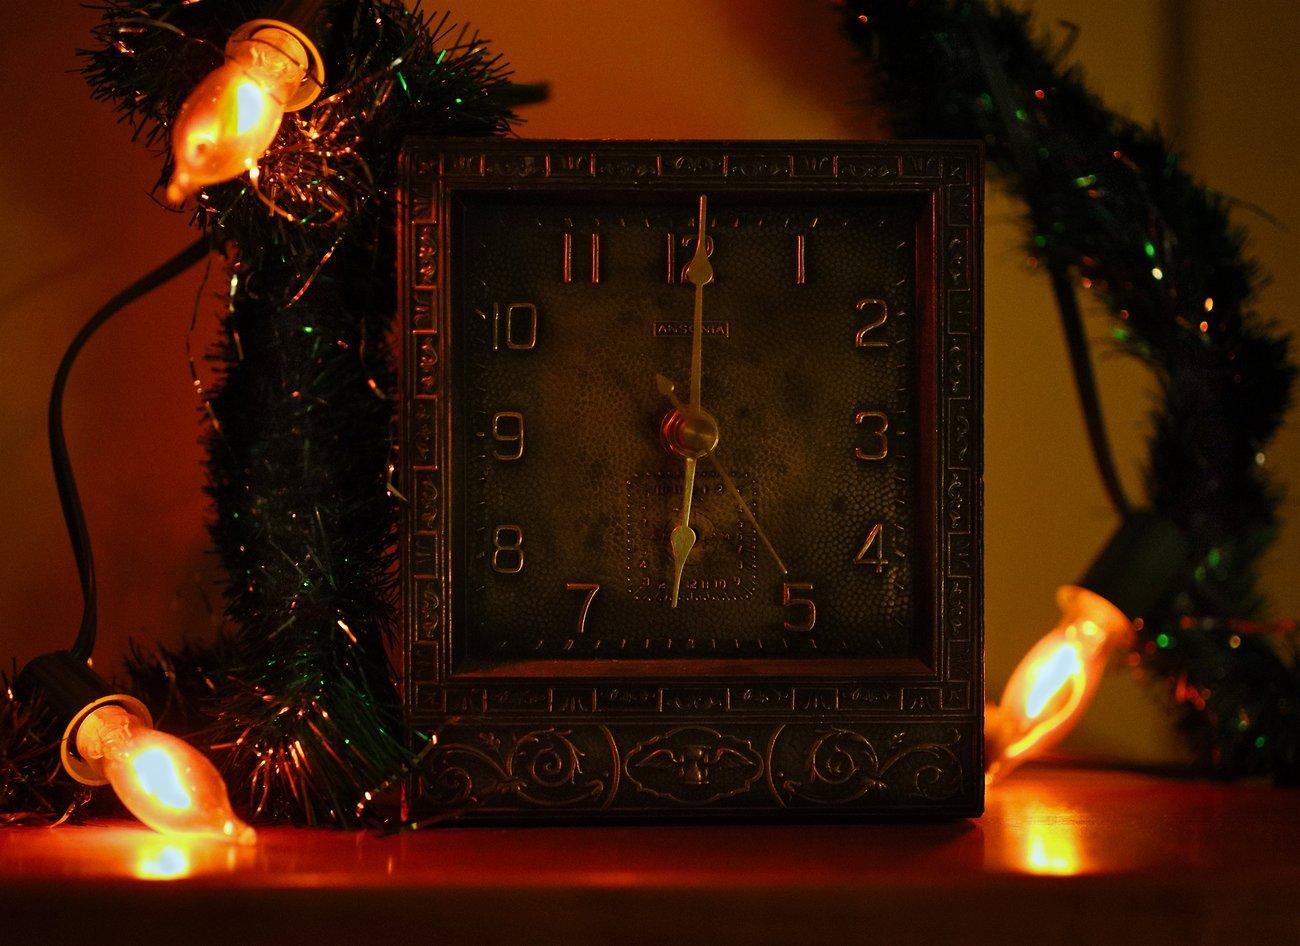 clockl_CanM6ii_32mm_Dec19_small.jpg